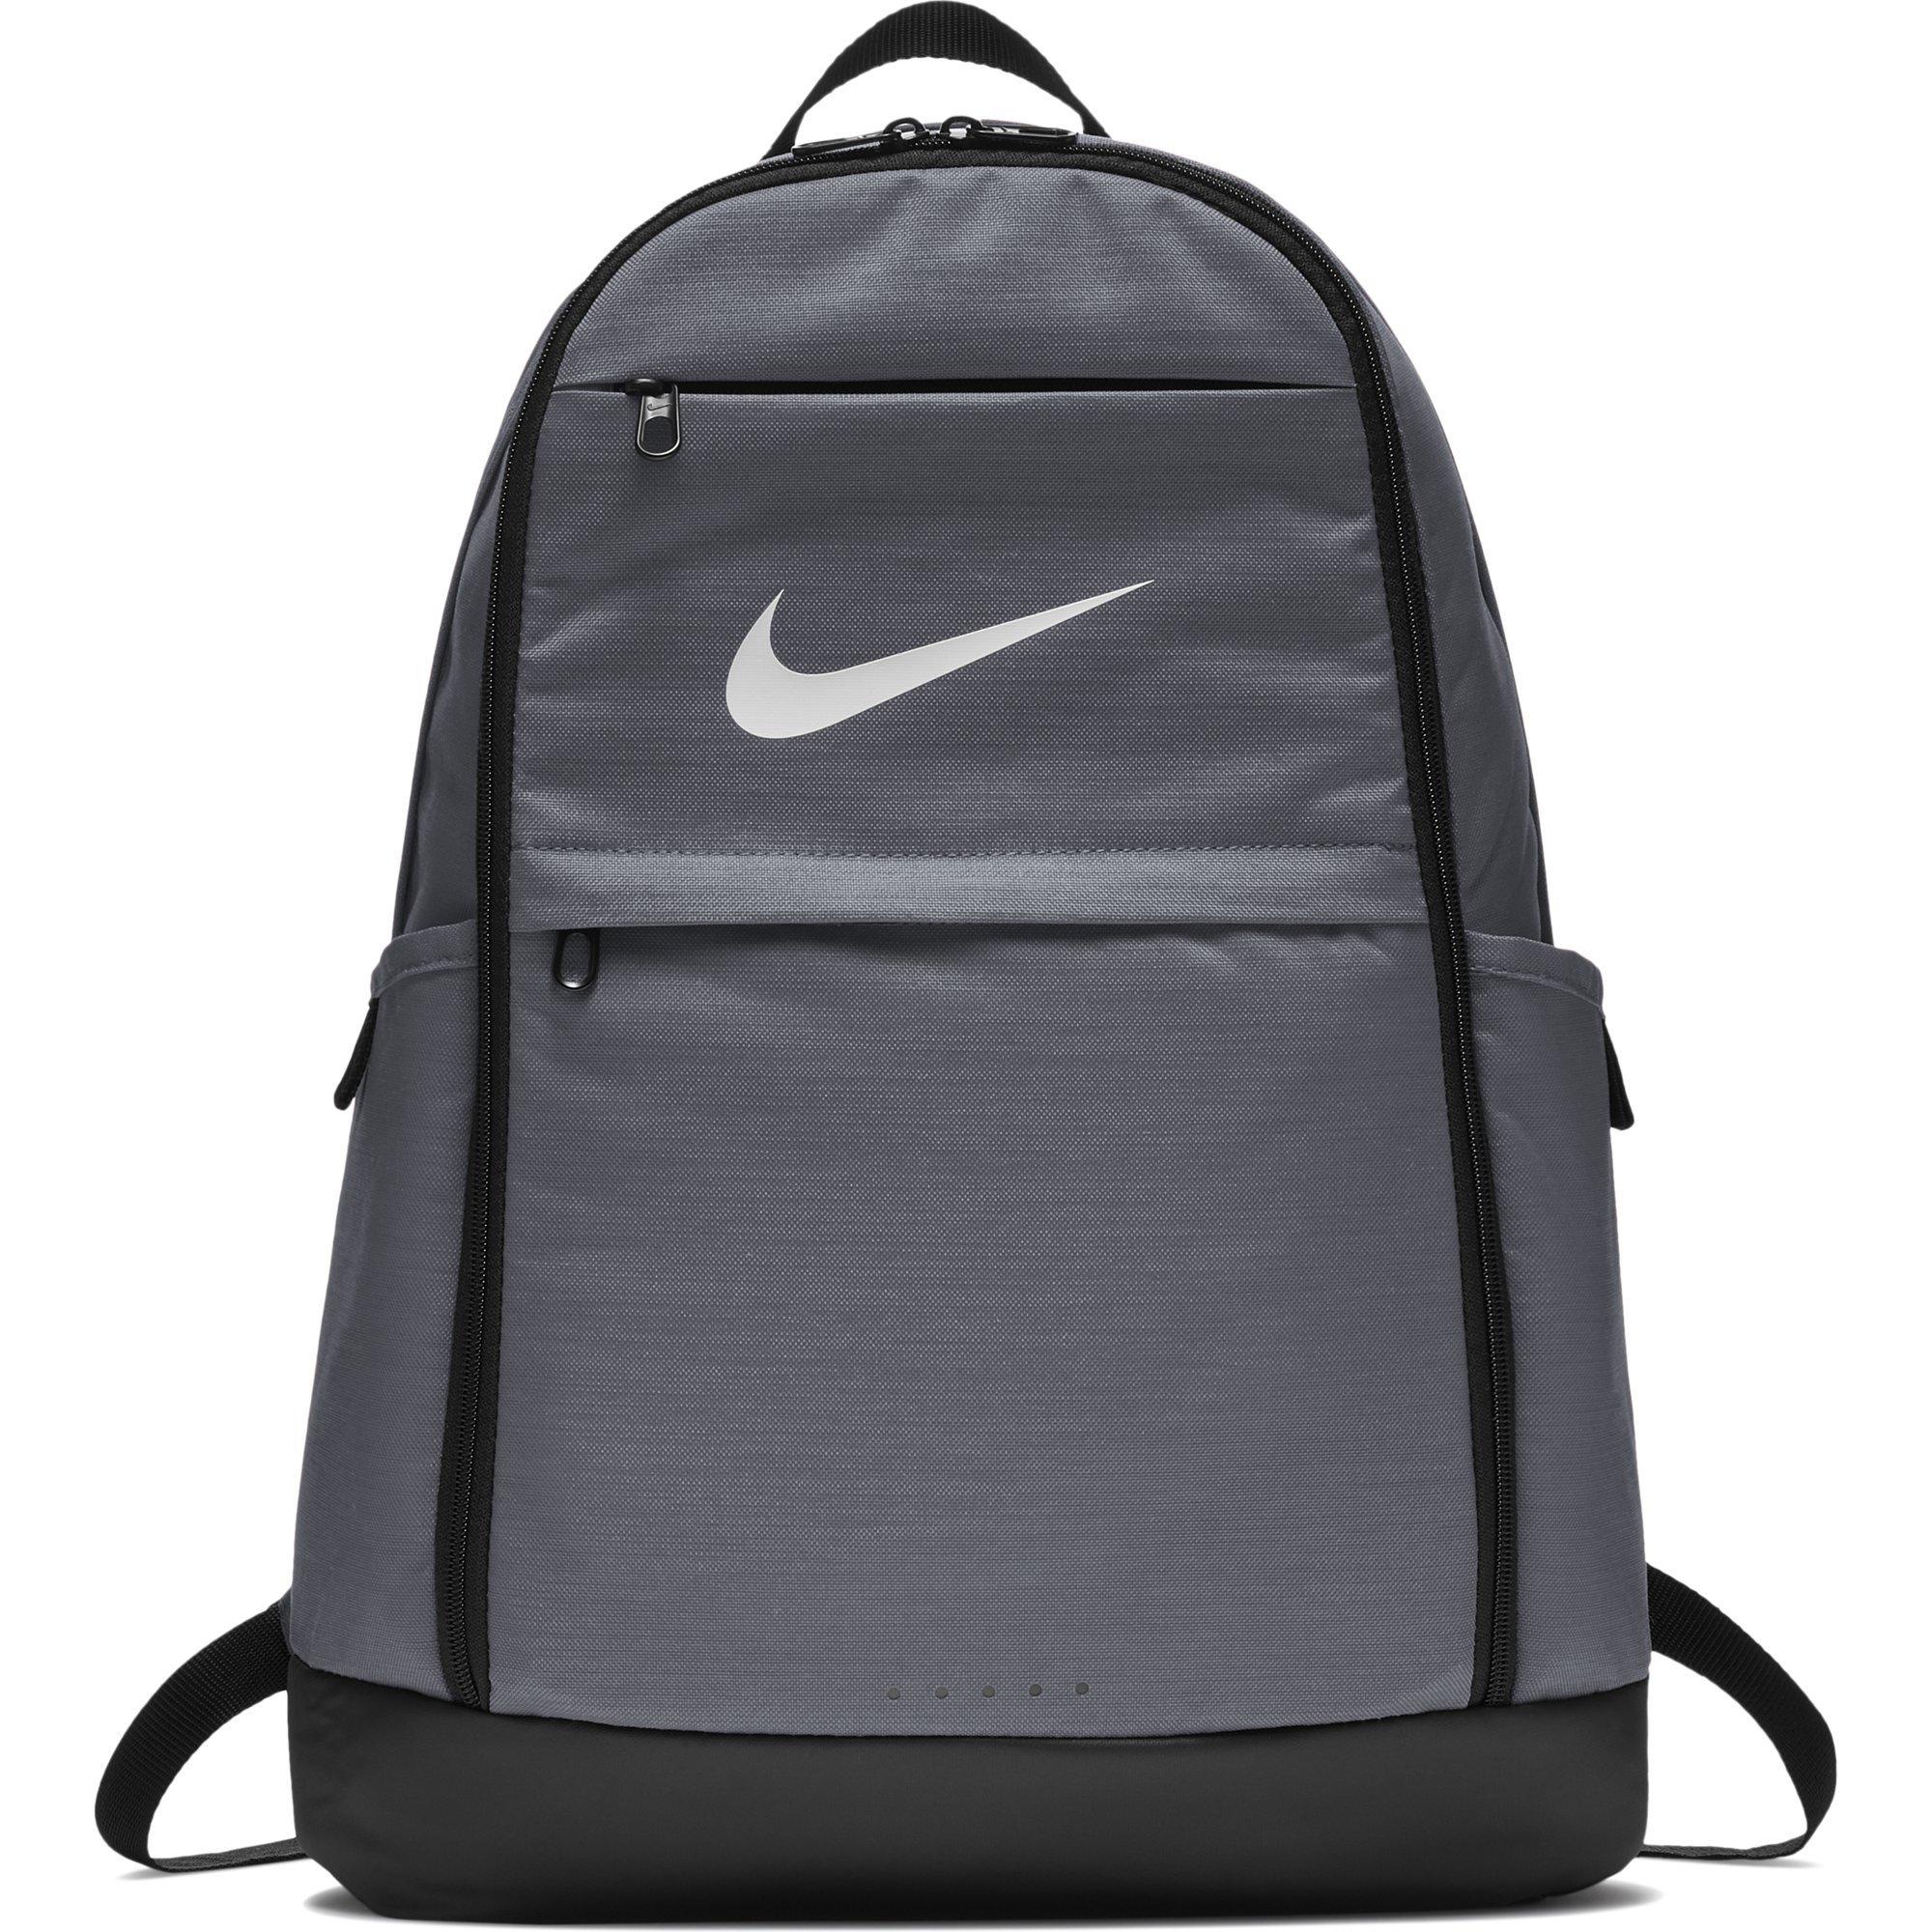 NIKE Brasilia Backpack, Flint Grey/Black/White, X-Large